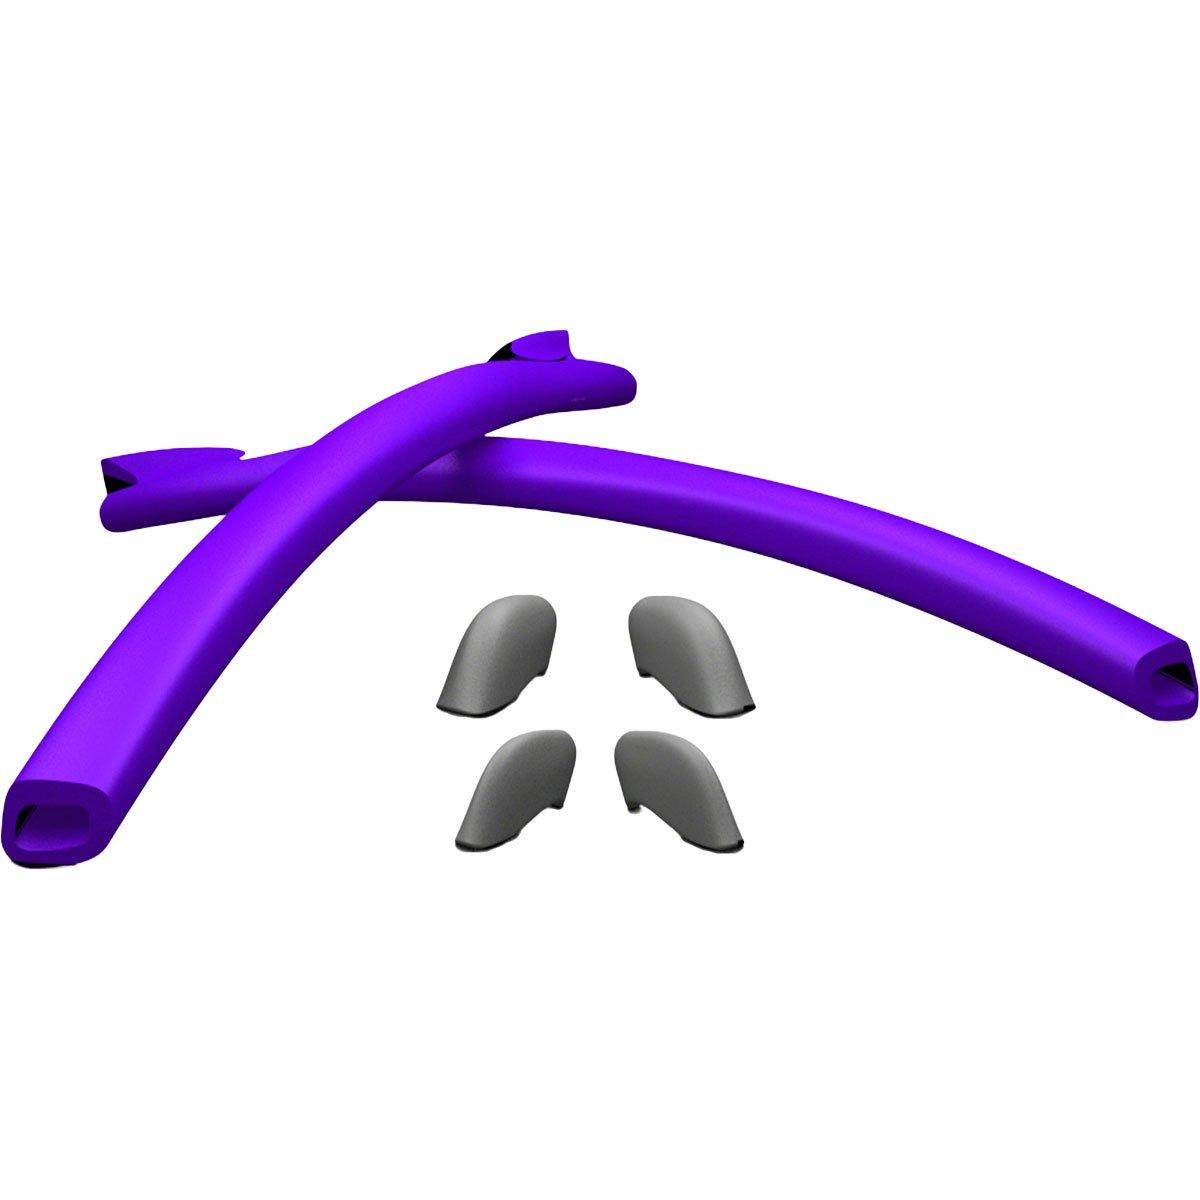 Oakley - Oakley Replacement Part - Half Jacket Nose Kit - Purple - One Size by Oakley